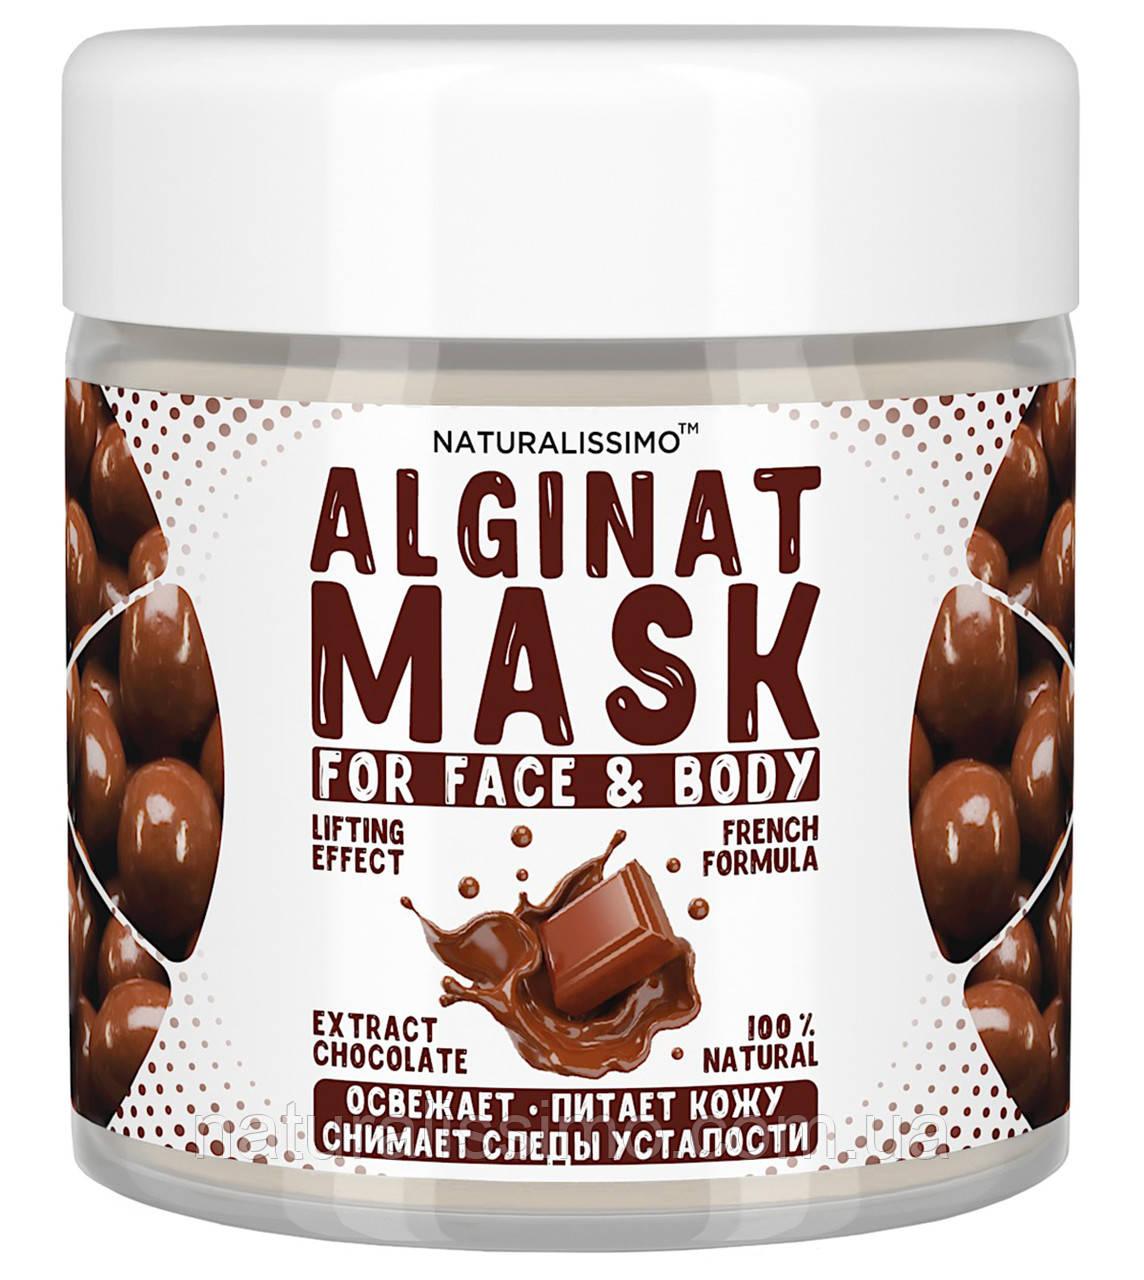 Альгинатная маска Омолаживает и питает кожу, с шоколадом, 50 г